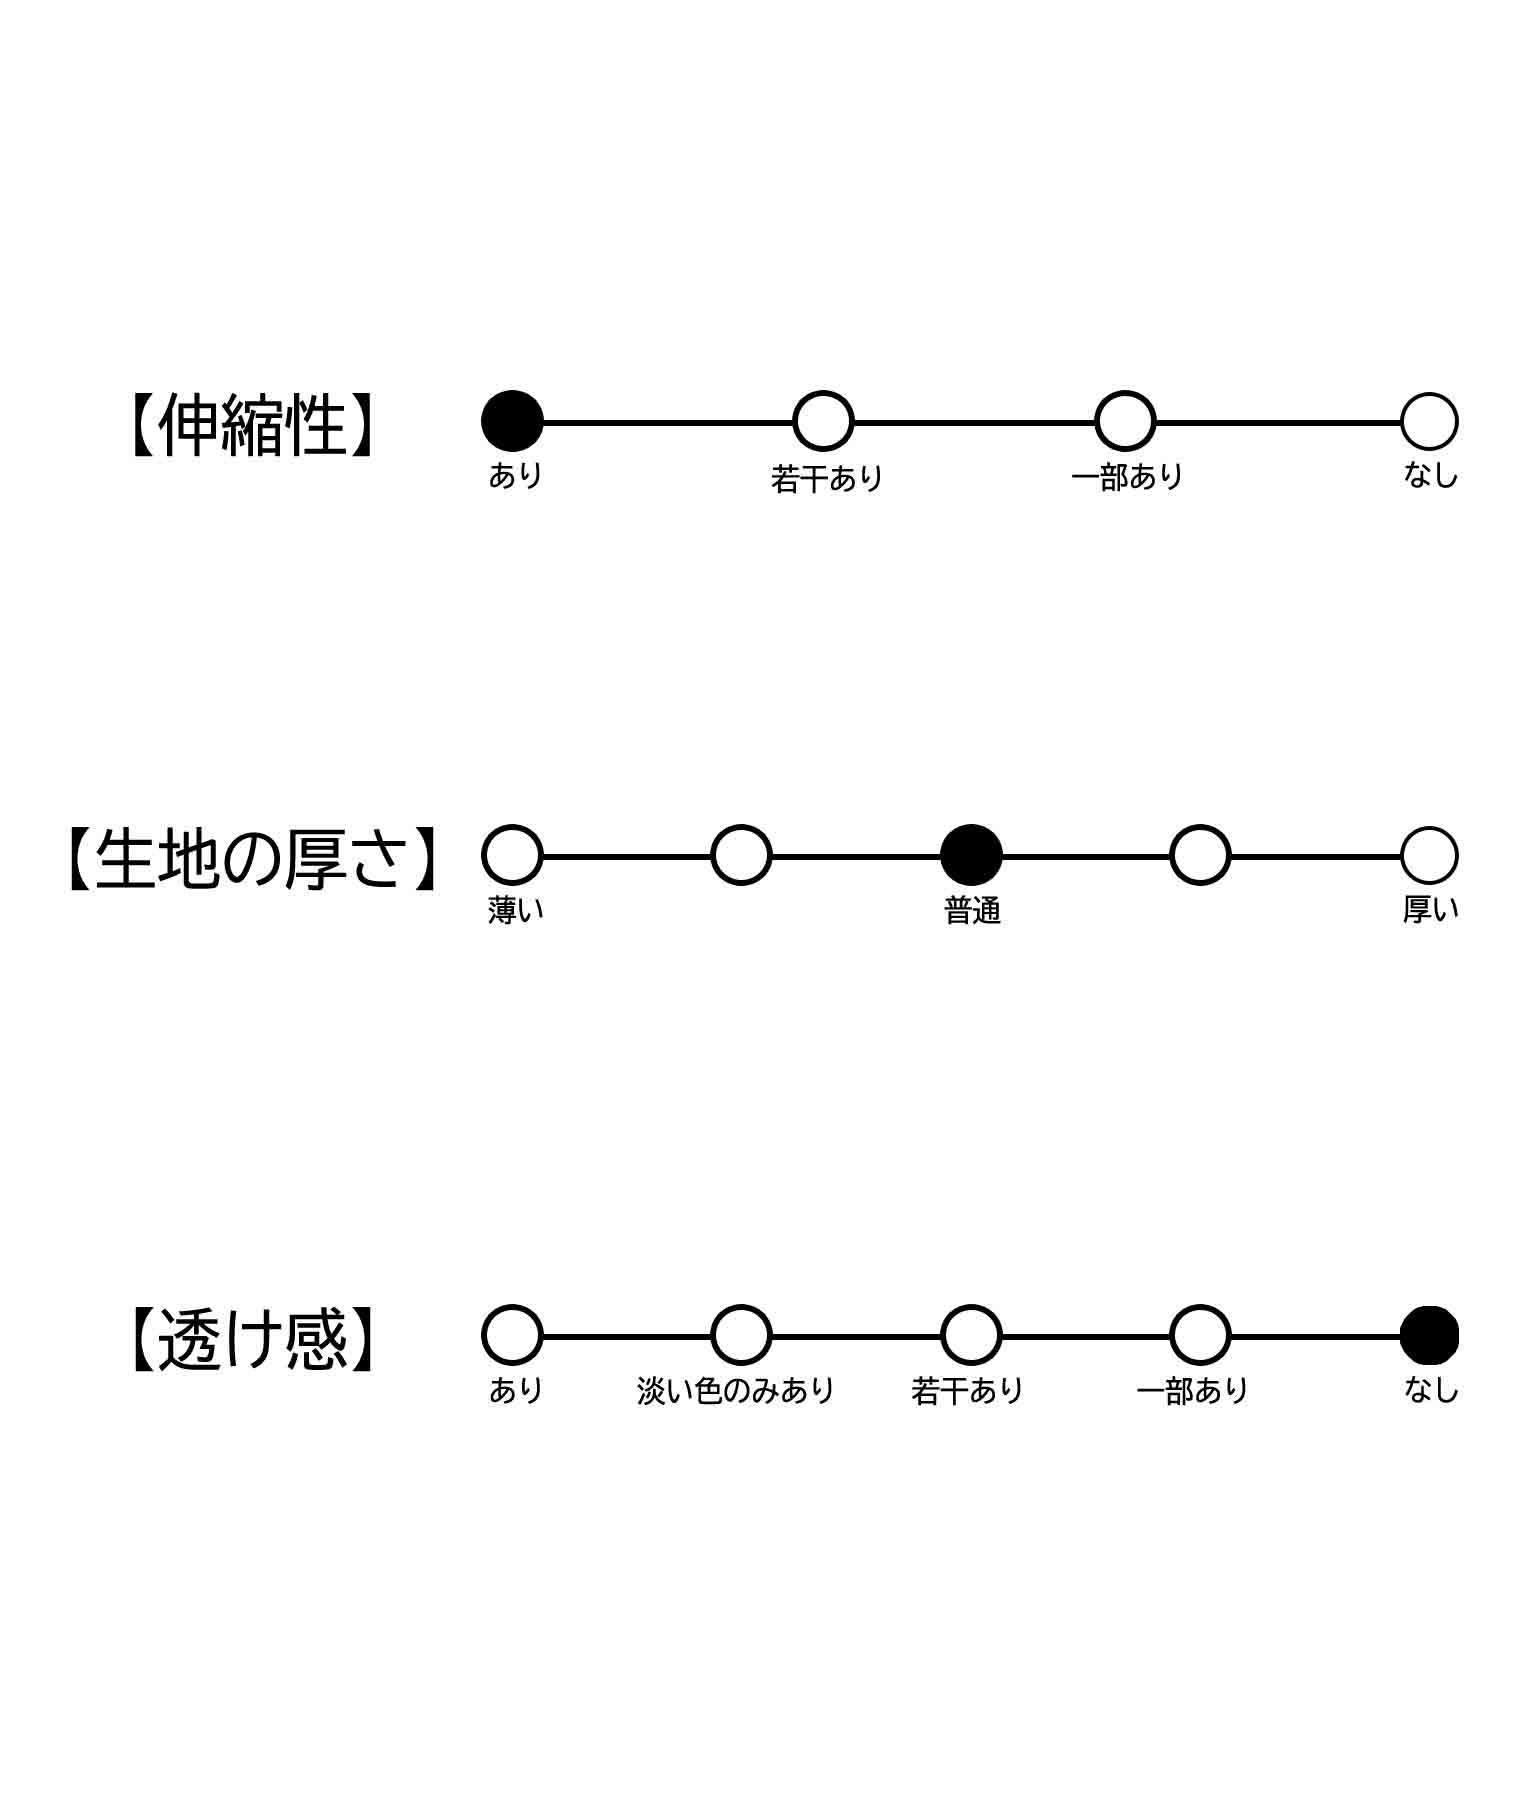 ハーフスリーブワンショルシャギーニット(トップス/ニット/セーター) | ANAP